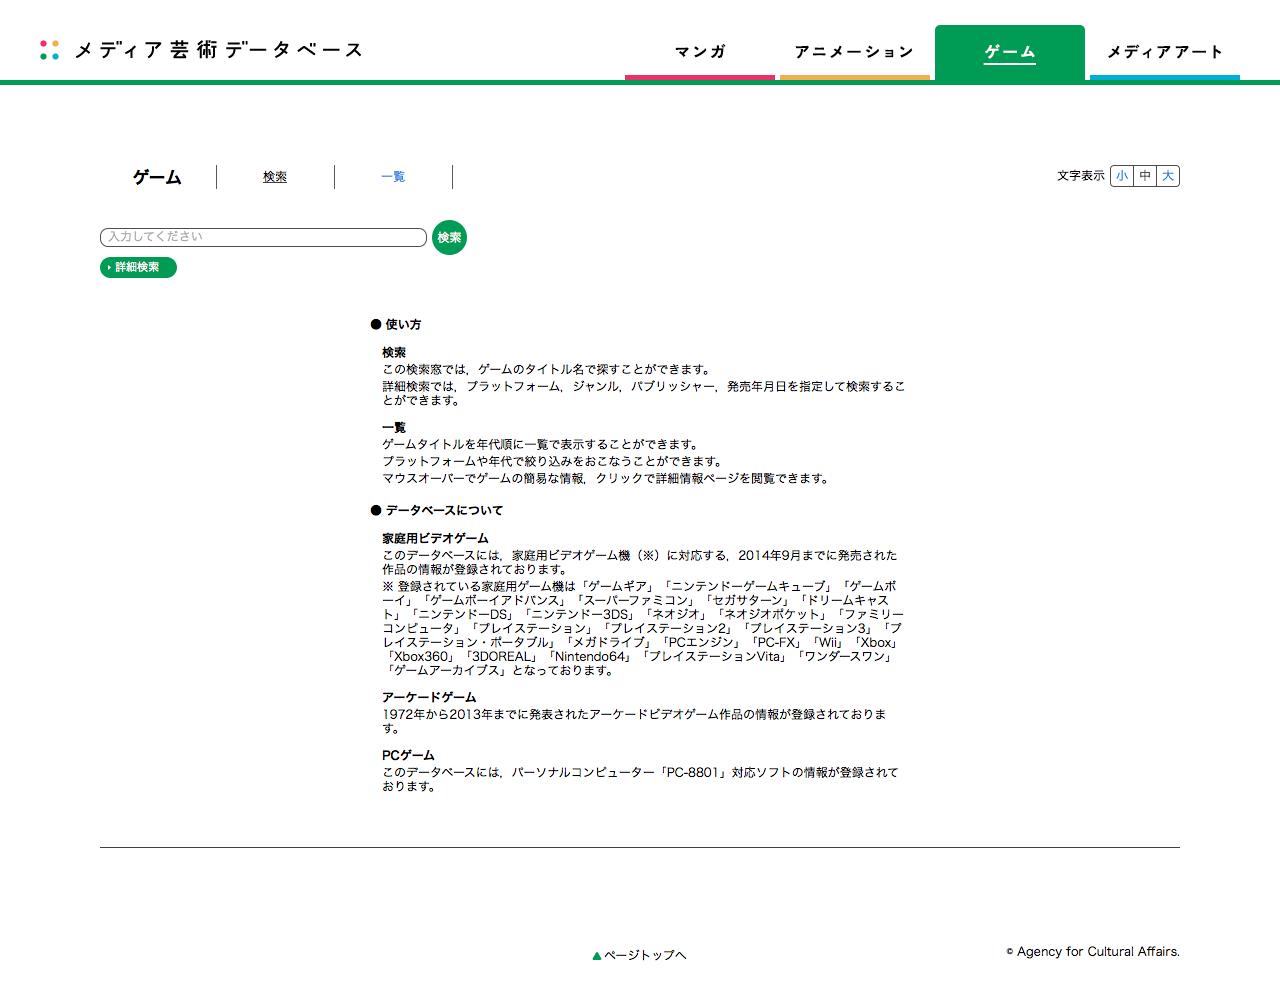 文化庁 メディア芸術データベース(開発版)ゲーム ウェブサイト